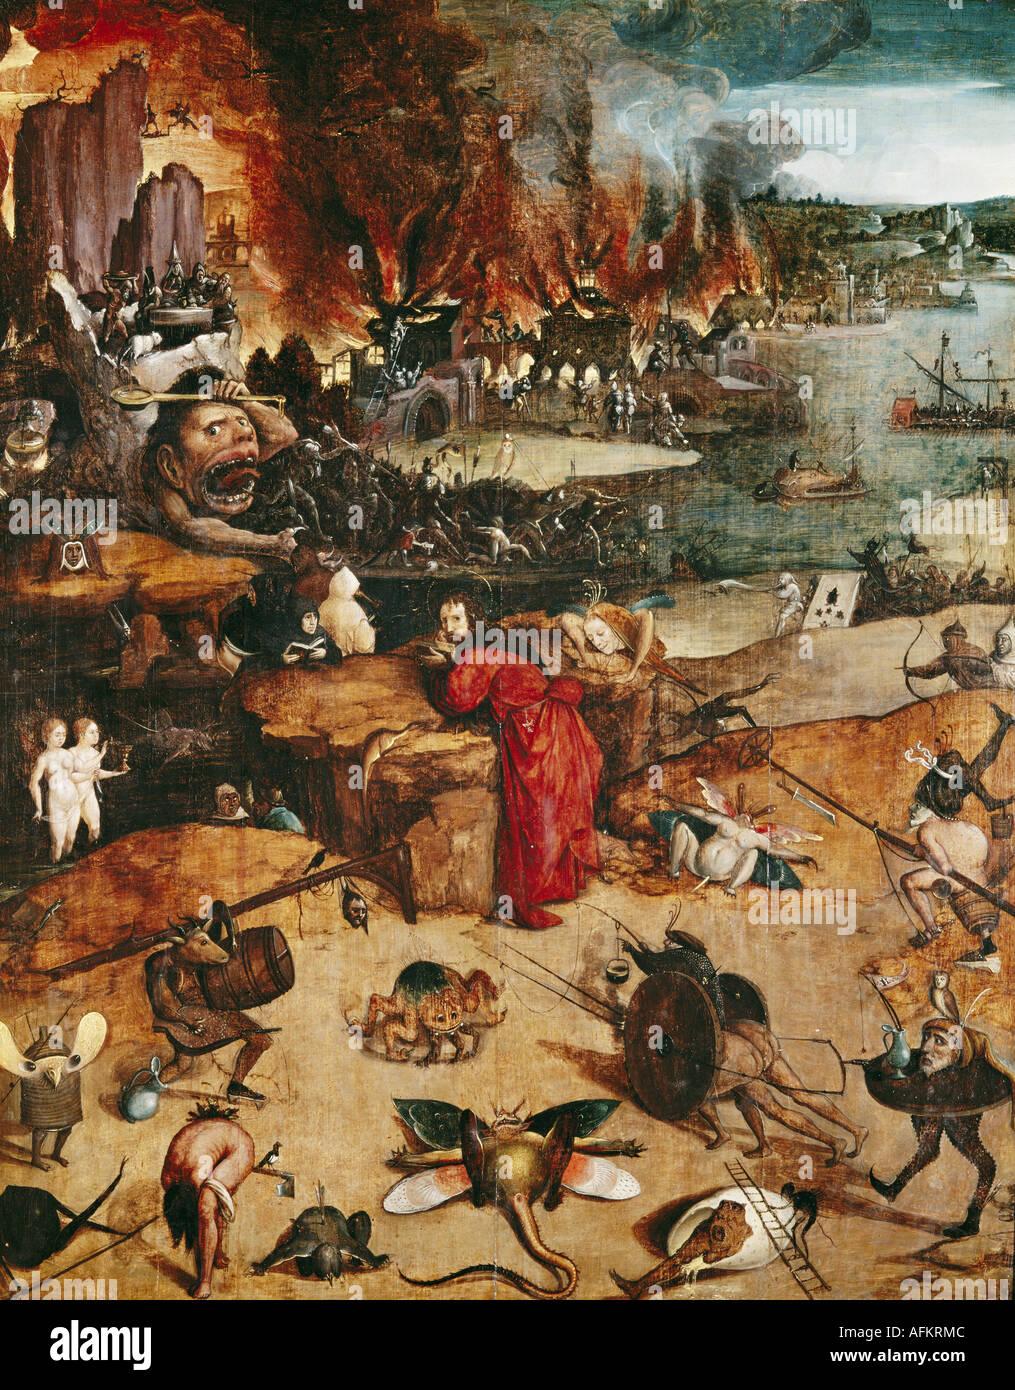 """'Fine Arts, Bosch, Hieronymus (vers 1450 - 1516), peinture, """"la tentation de Saint Antoine"""", Prado, Madrid, Espagne, Banque D'Images"""